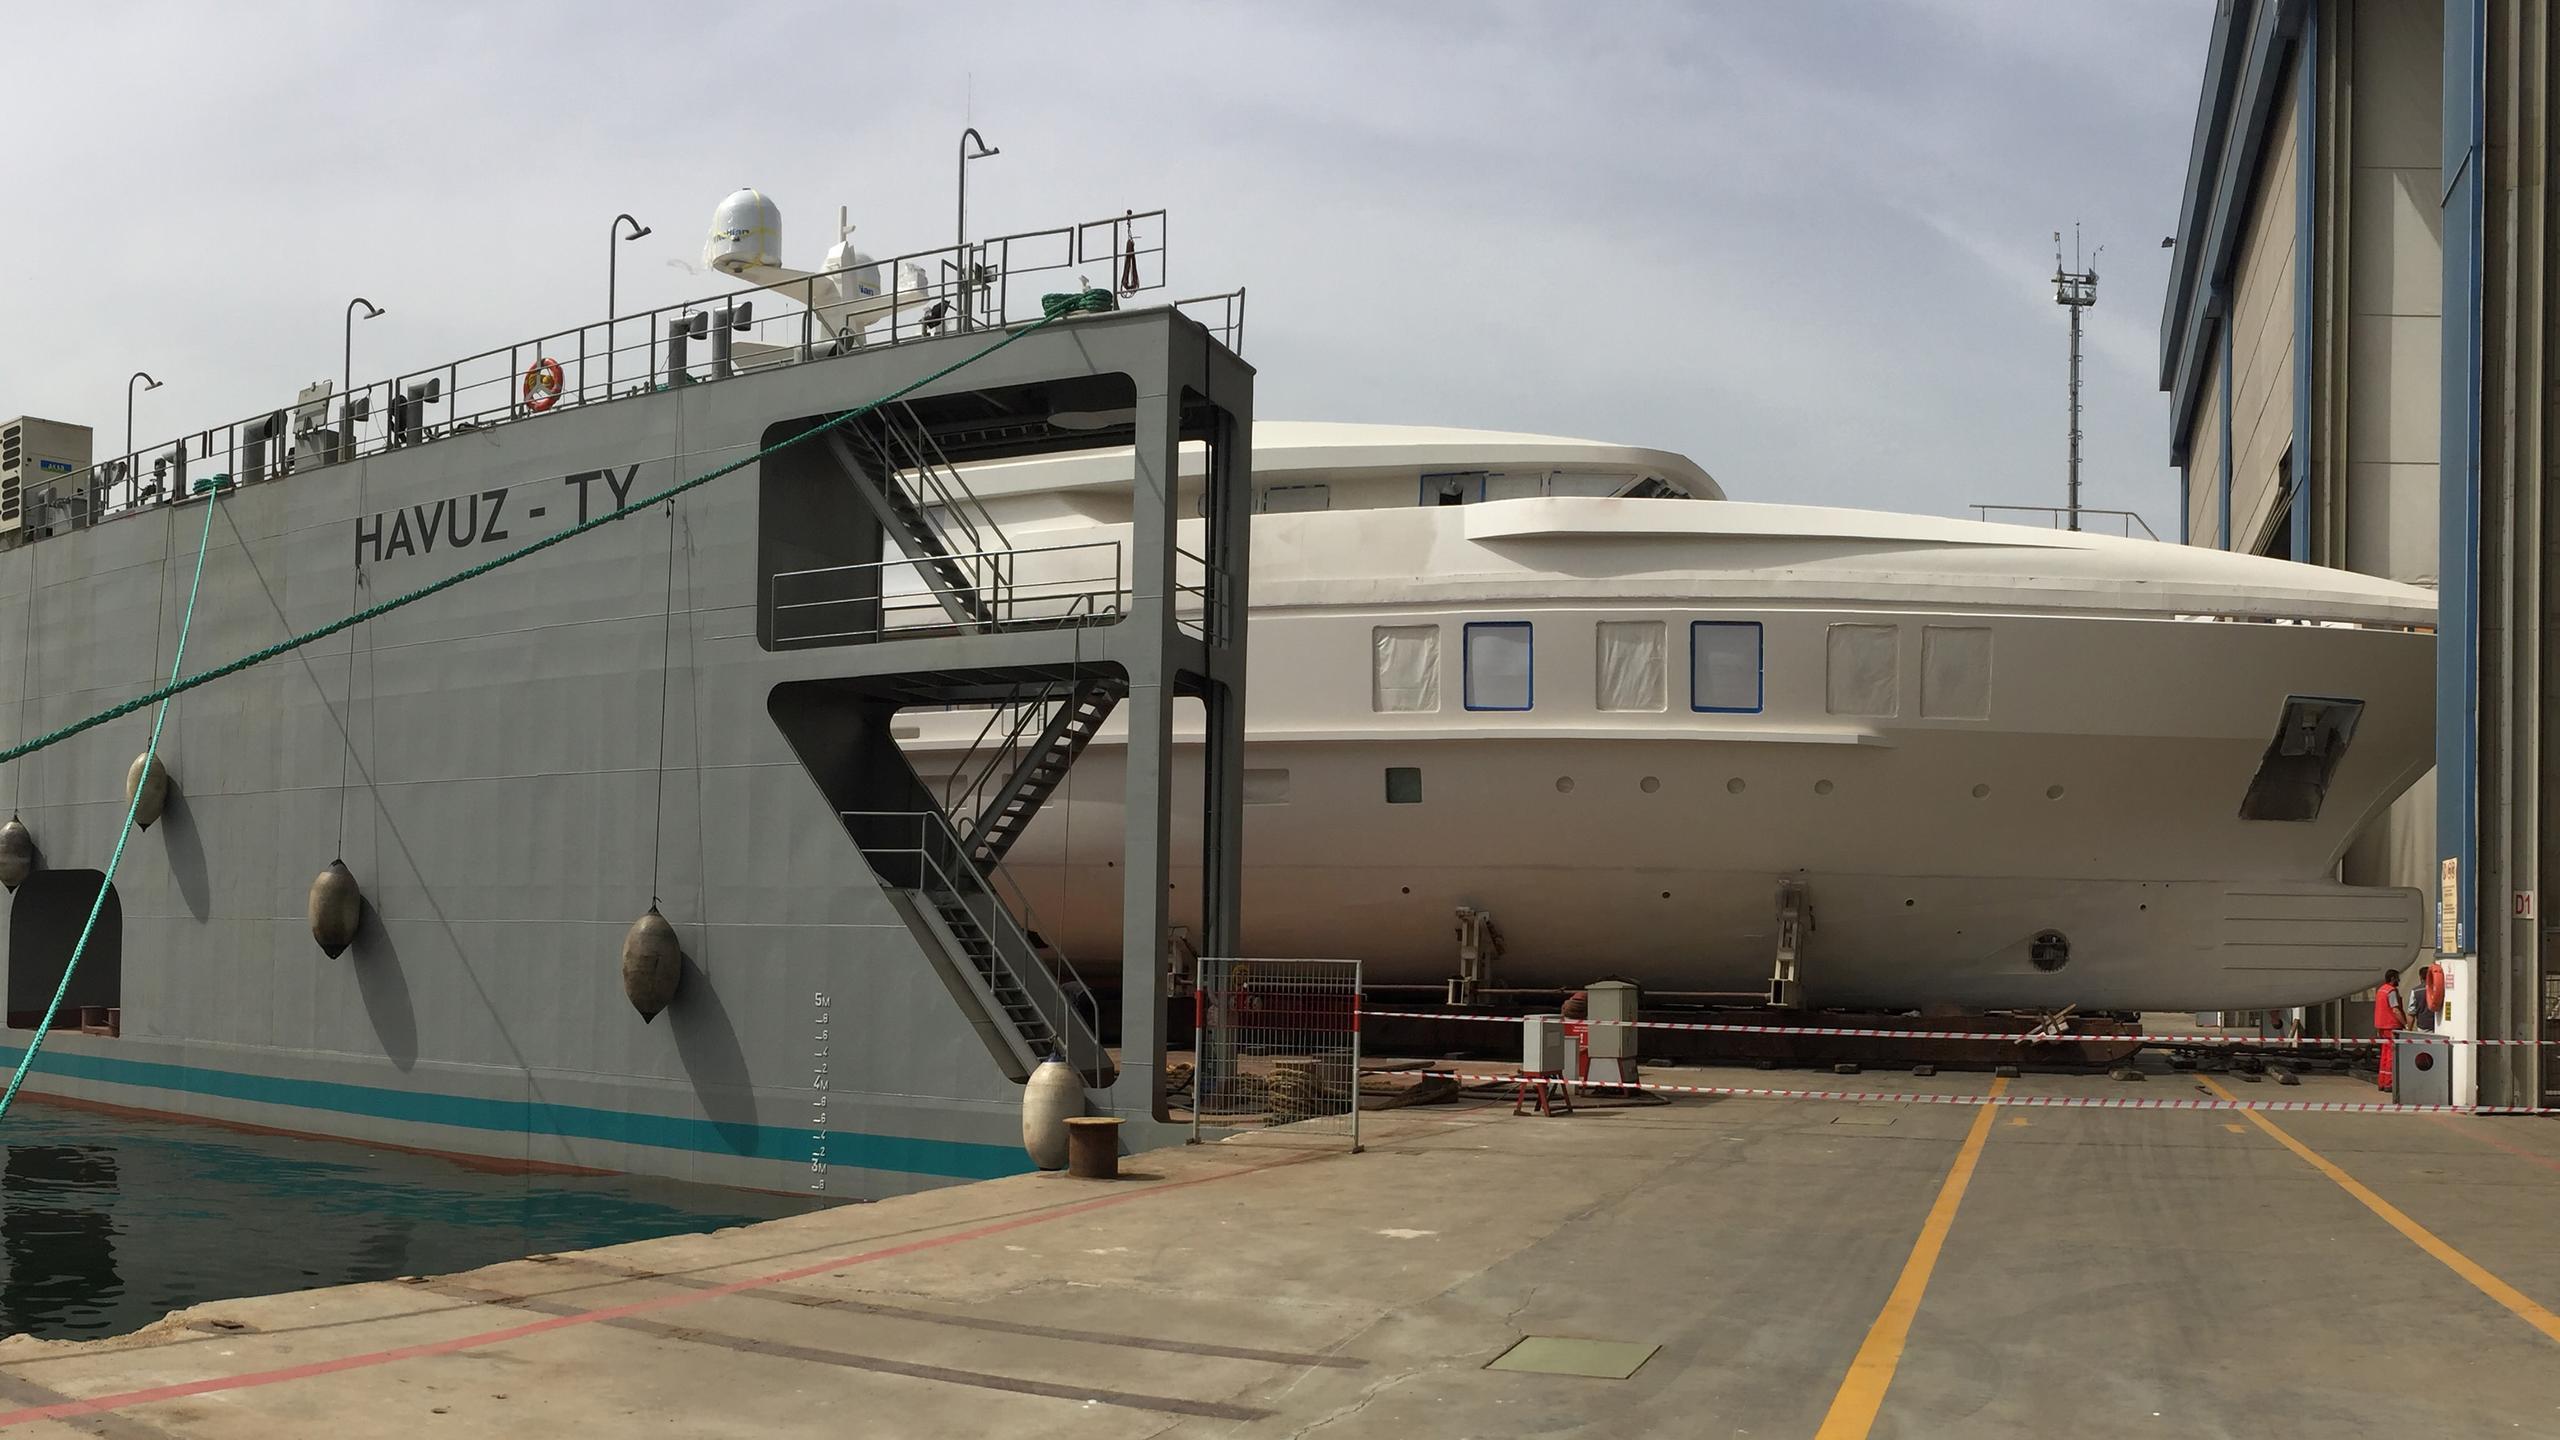 turquoise-nb-60-motor-yacht-2016-47m-bow-shipyard